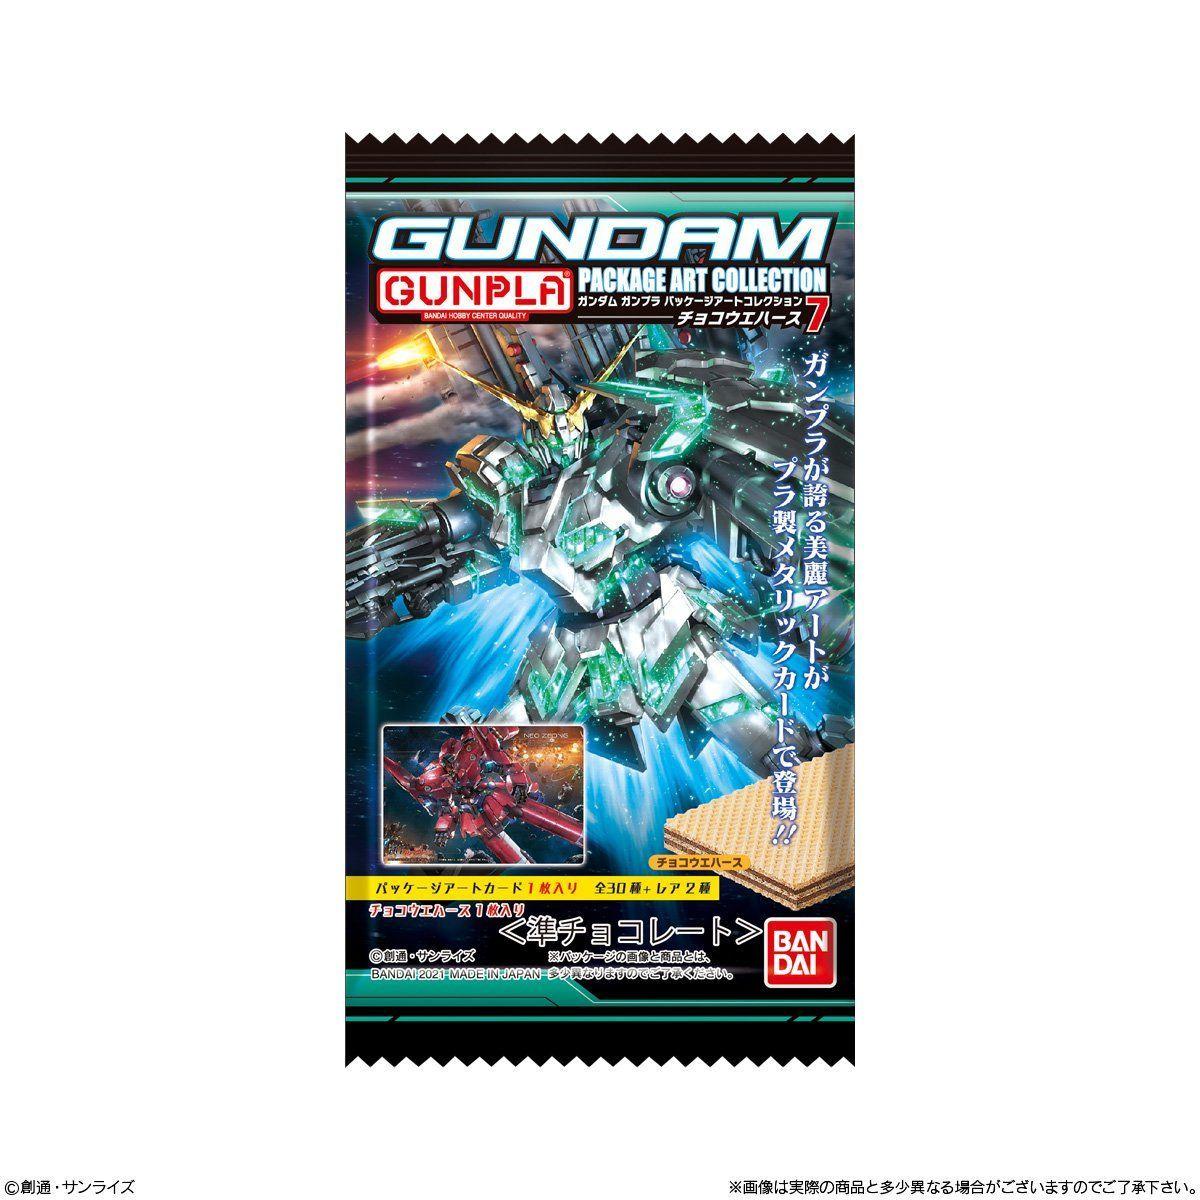 【食玩】『GUNDAMガンプラ パッケージアート コレクション チョコウエハース7』20個入りBOX-005